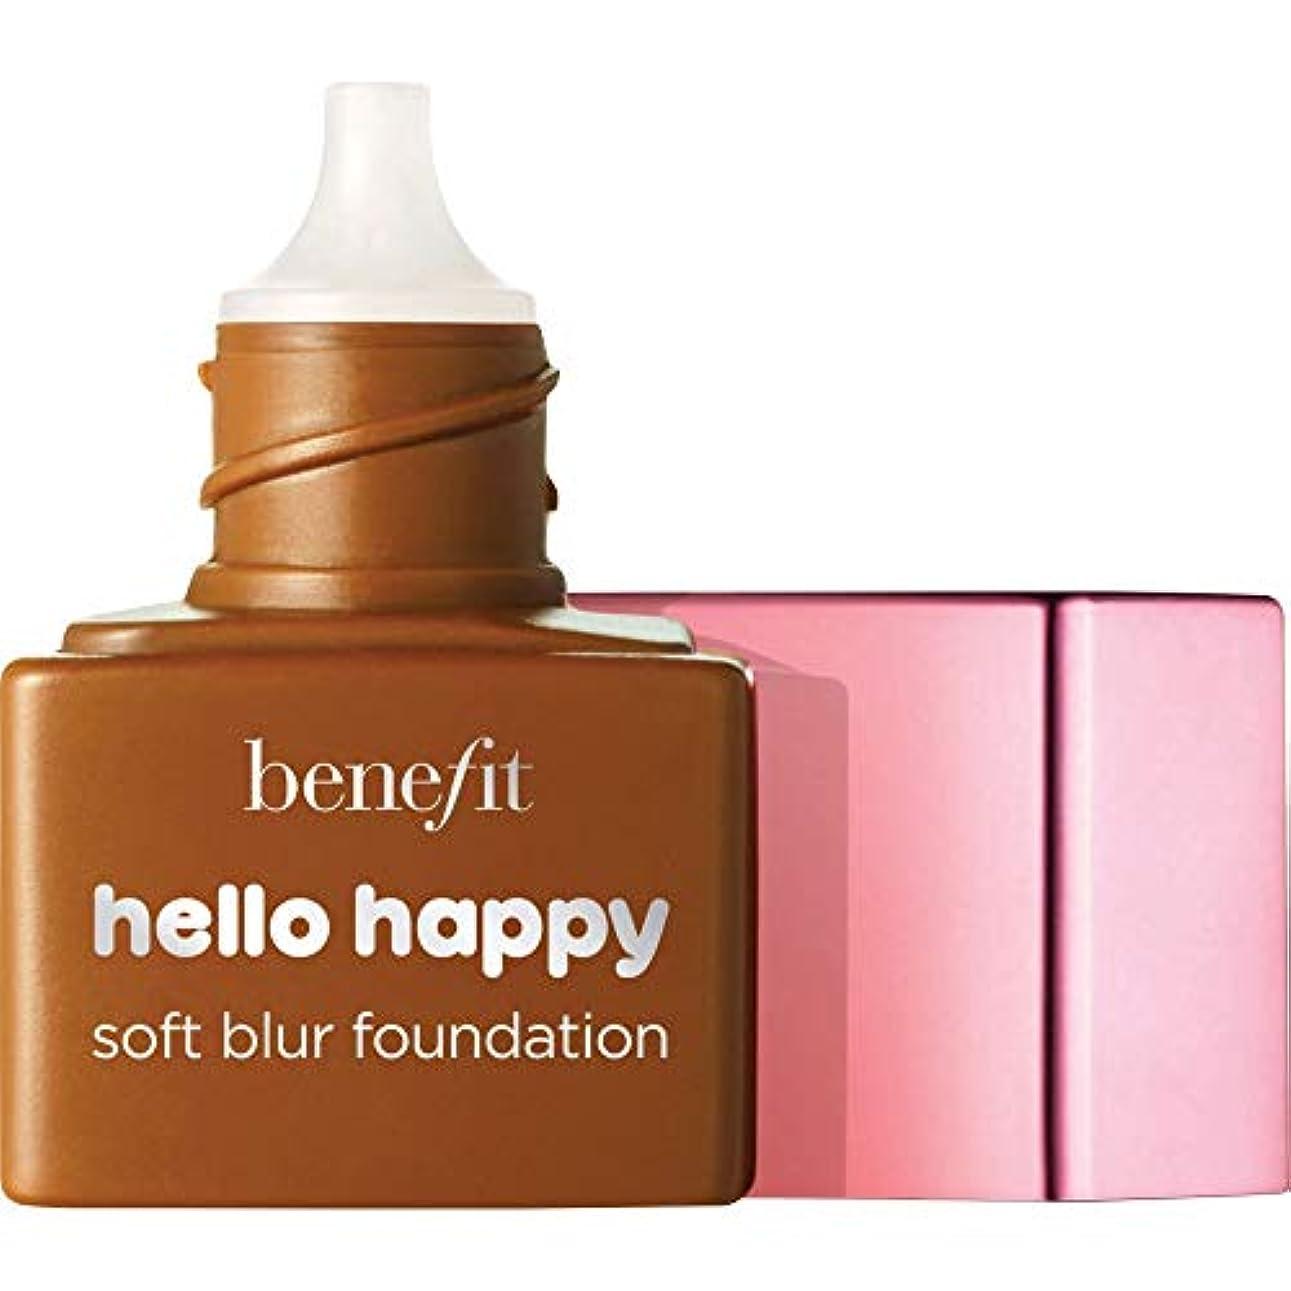 赤面グラディスハプニング[Benefit ] ミニ9 - - ハロー幸せソフトブラー基礎Spf15の6ミリリットルの利益中立深いです - Benefit Hello Happy Soft Blur Foundation SPF15 6ml -...